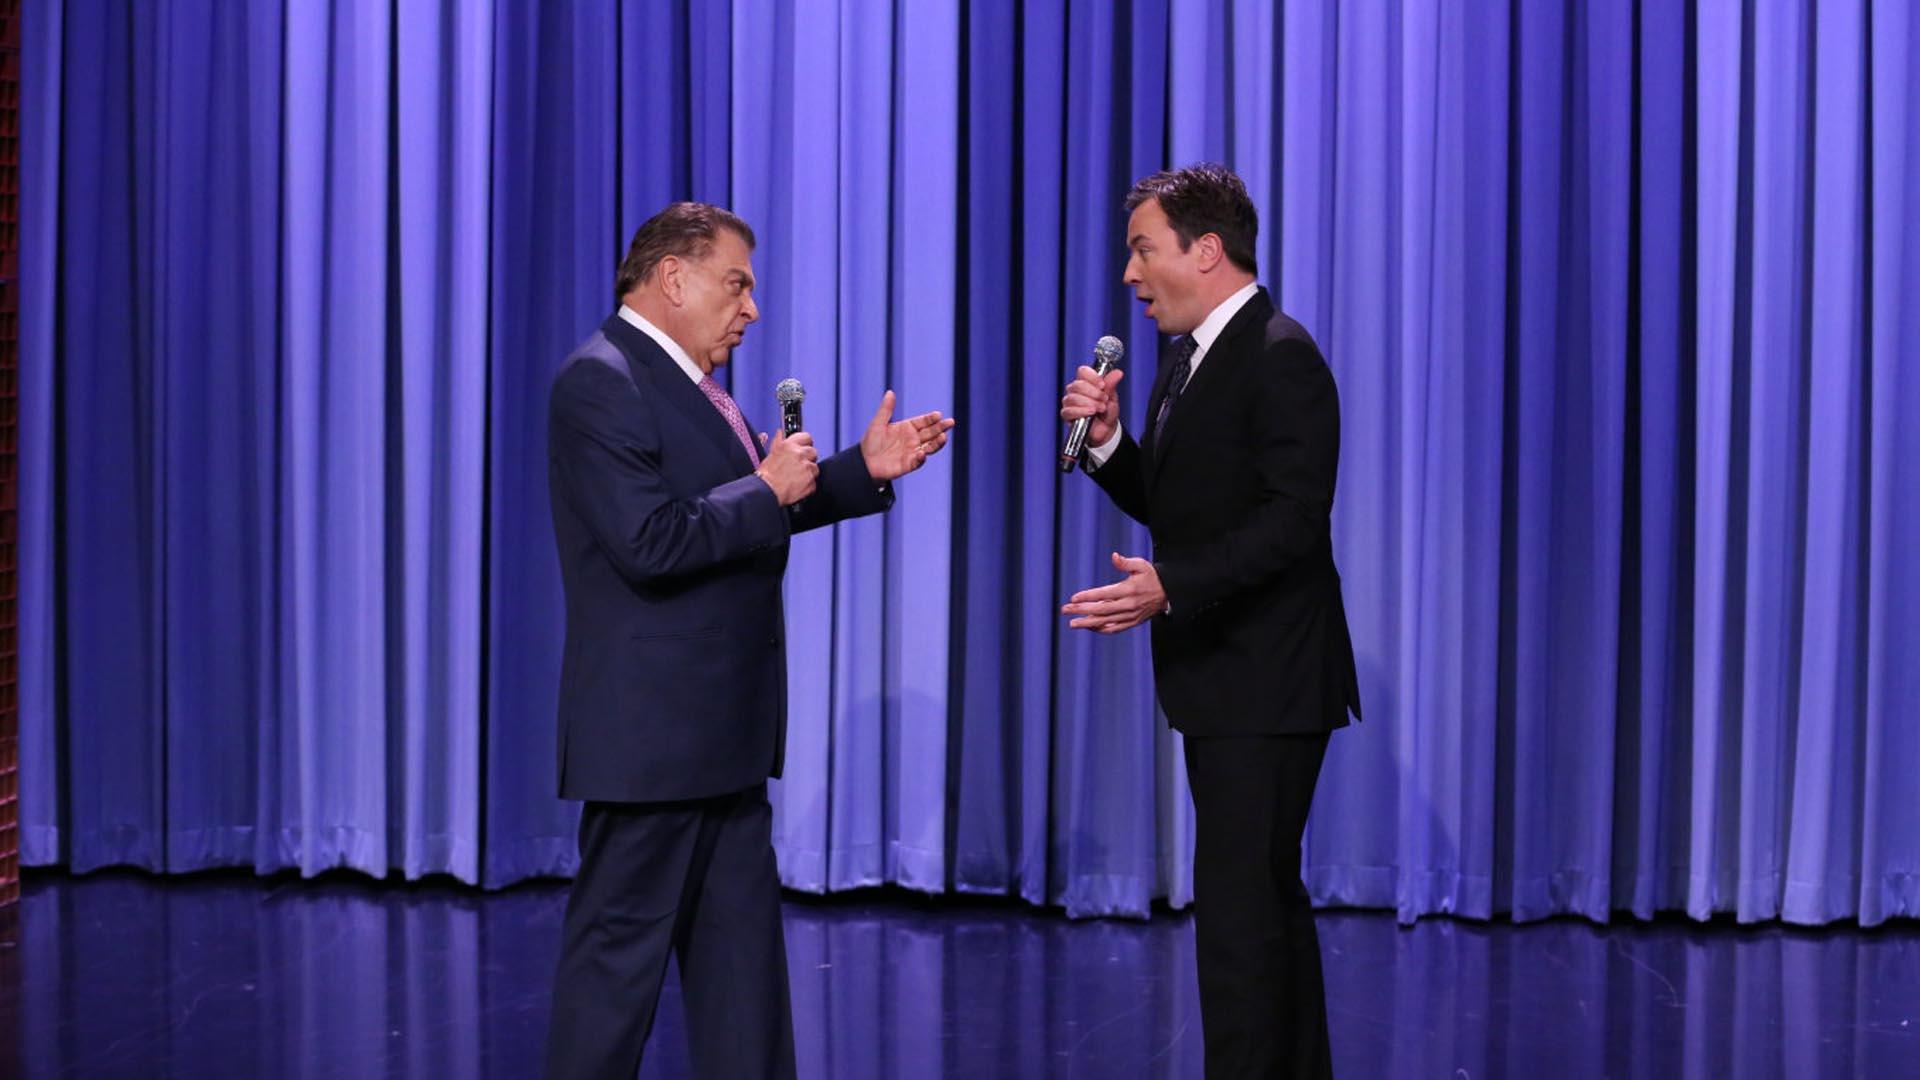 Ambos presentadores cantaron clàsicos americanos